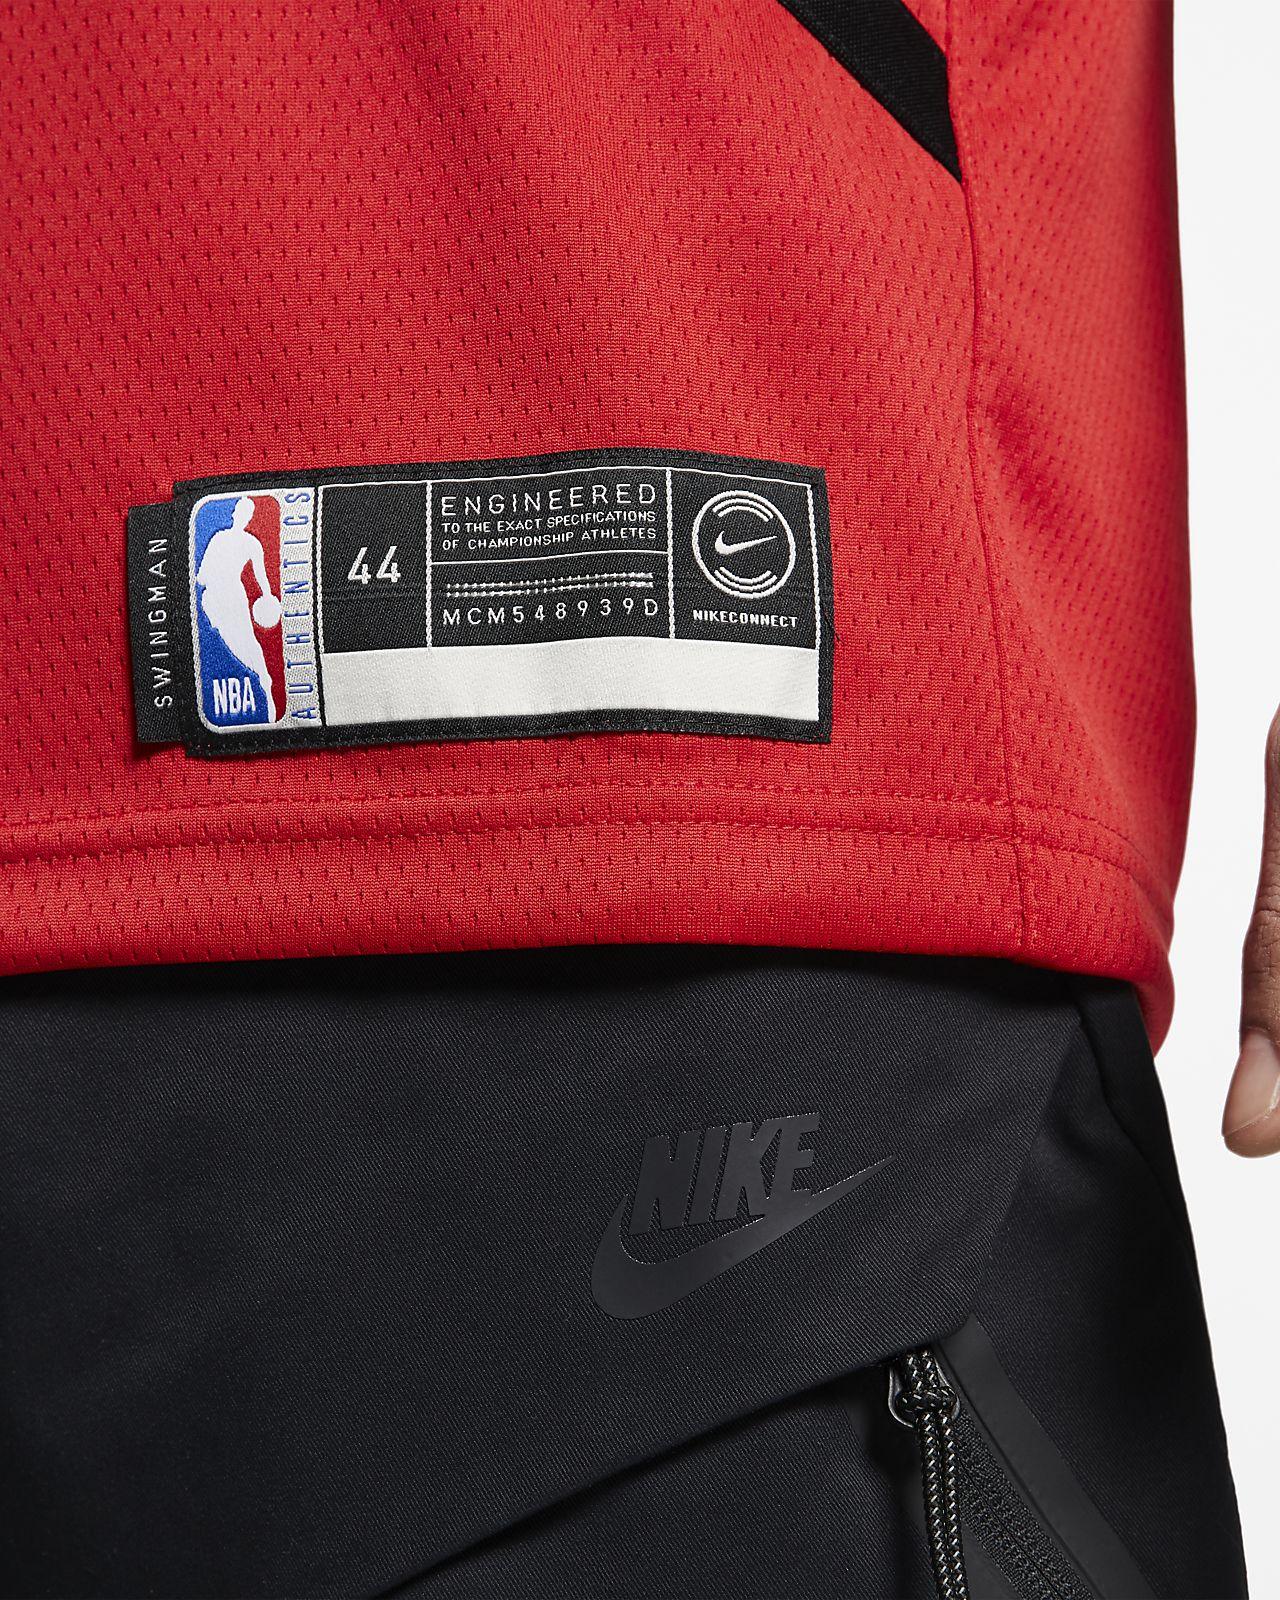 378816b10 ... Damian Lillard Earned City Edition Swingman (Portland Trail Blazers)  Men s Nike NBA Connected Jersey